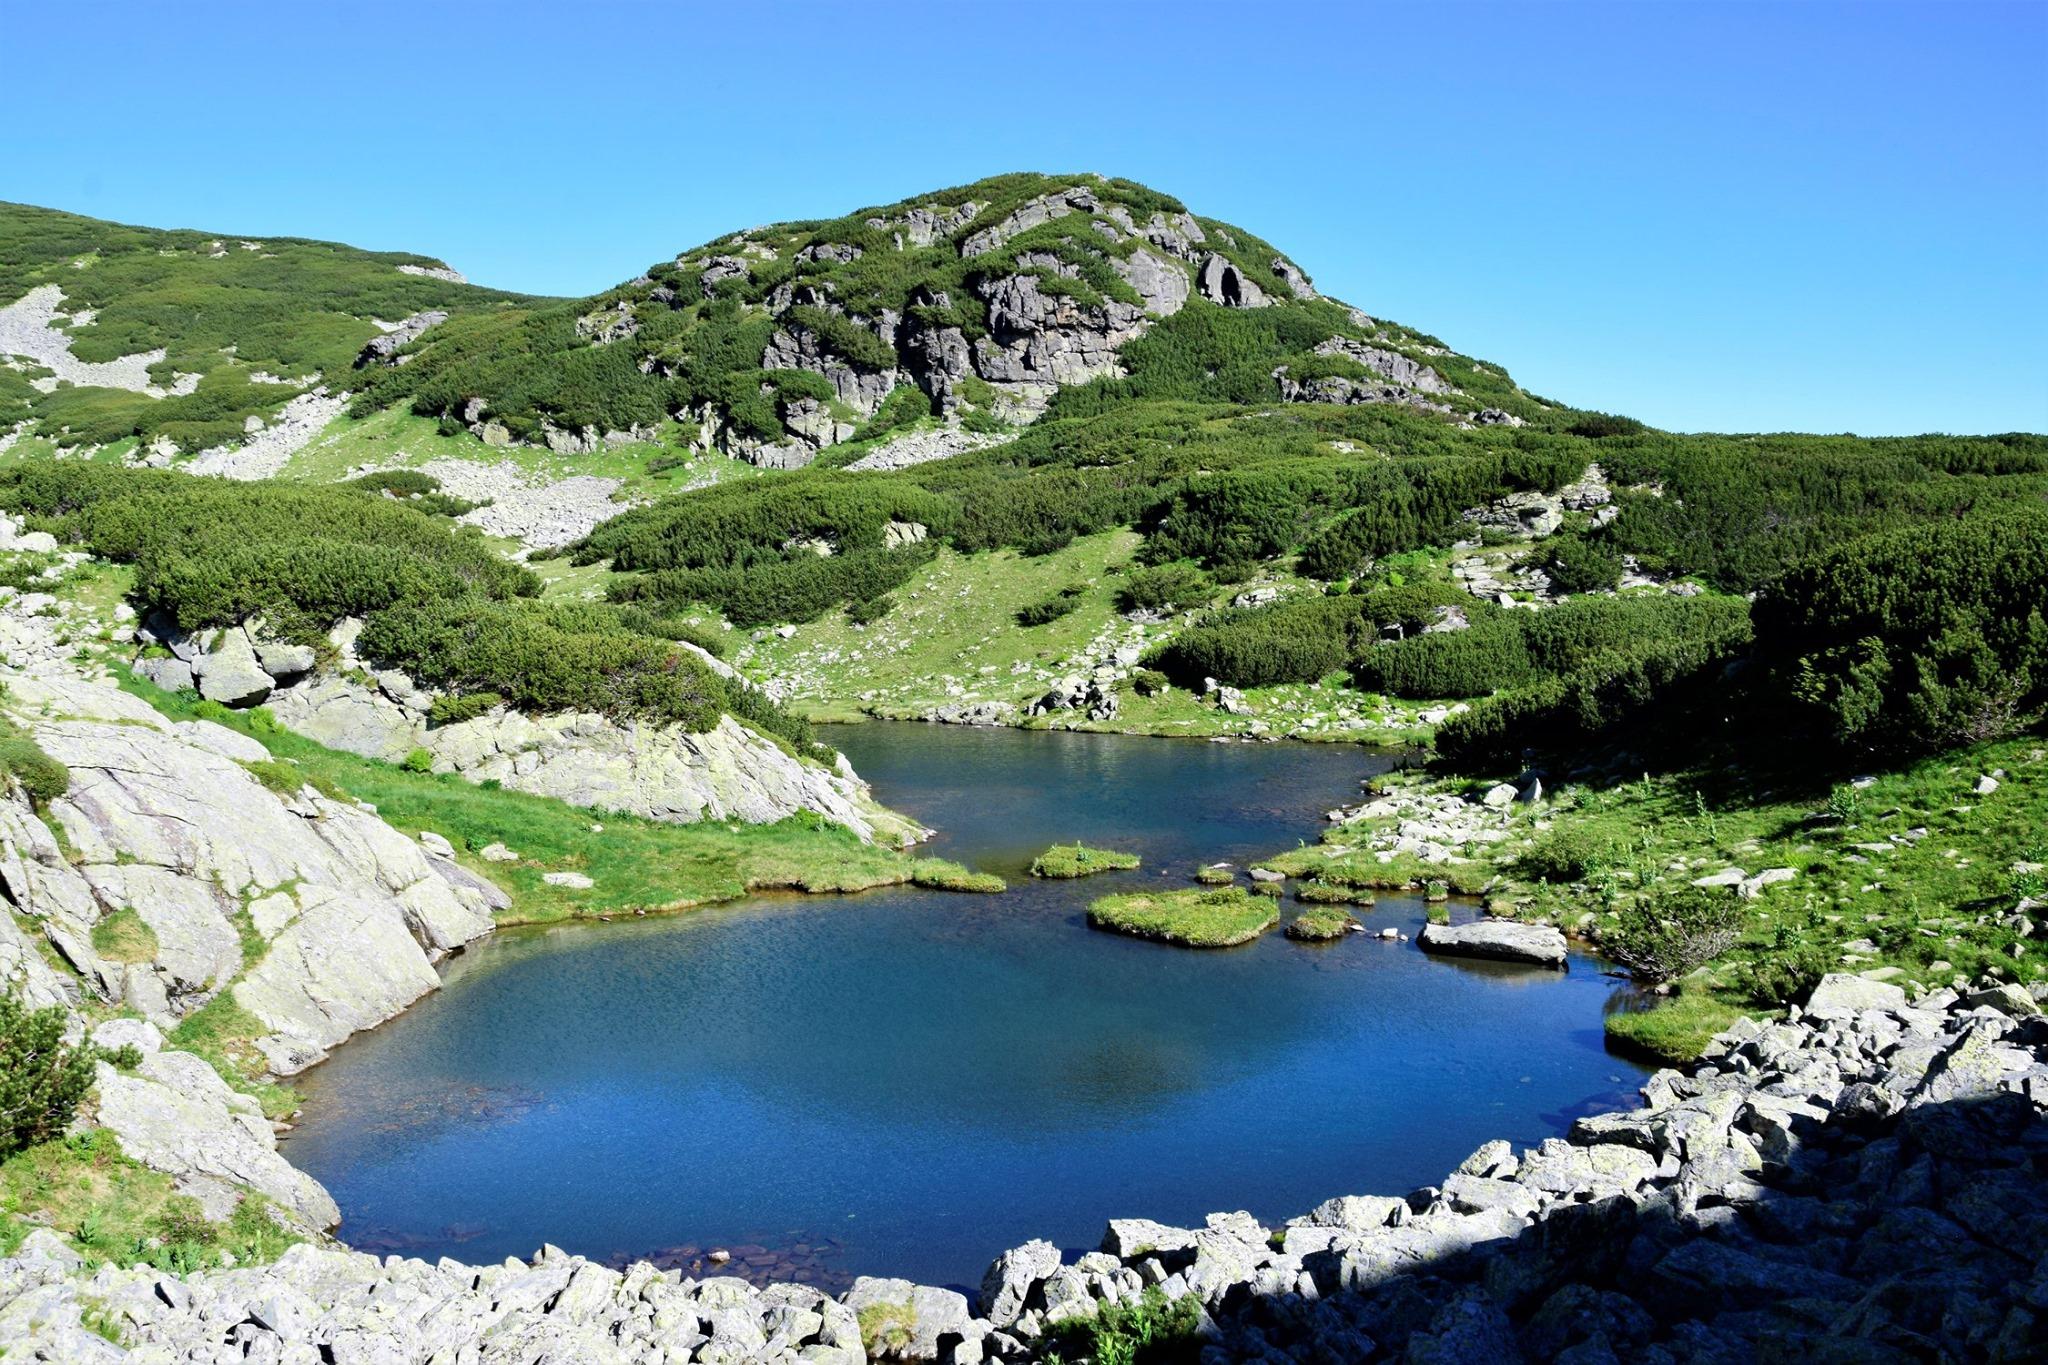 Lacul Păsări - Radu Munteanu